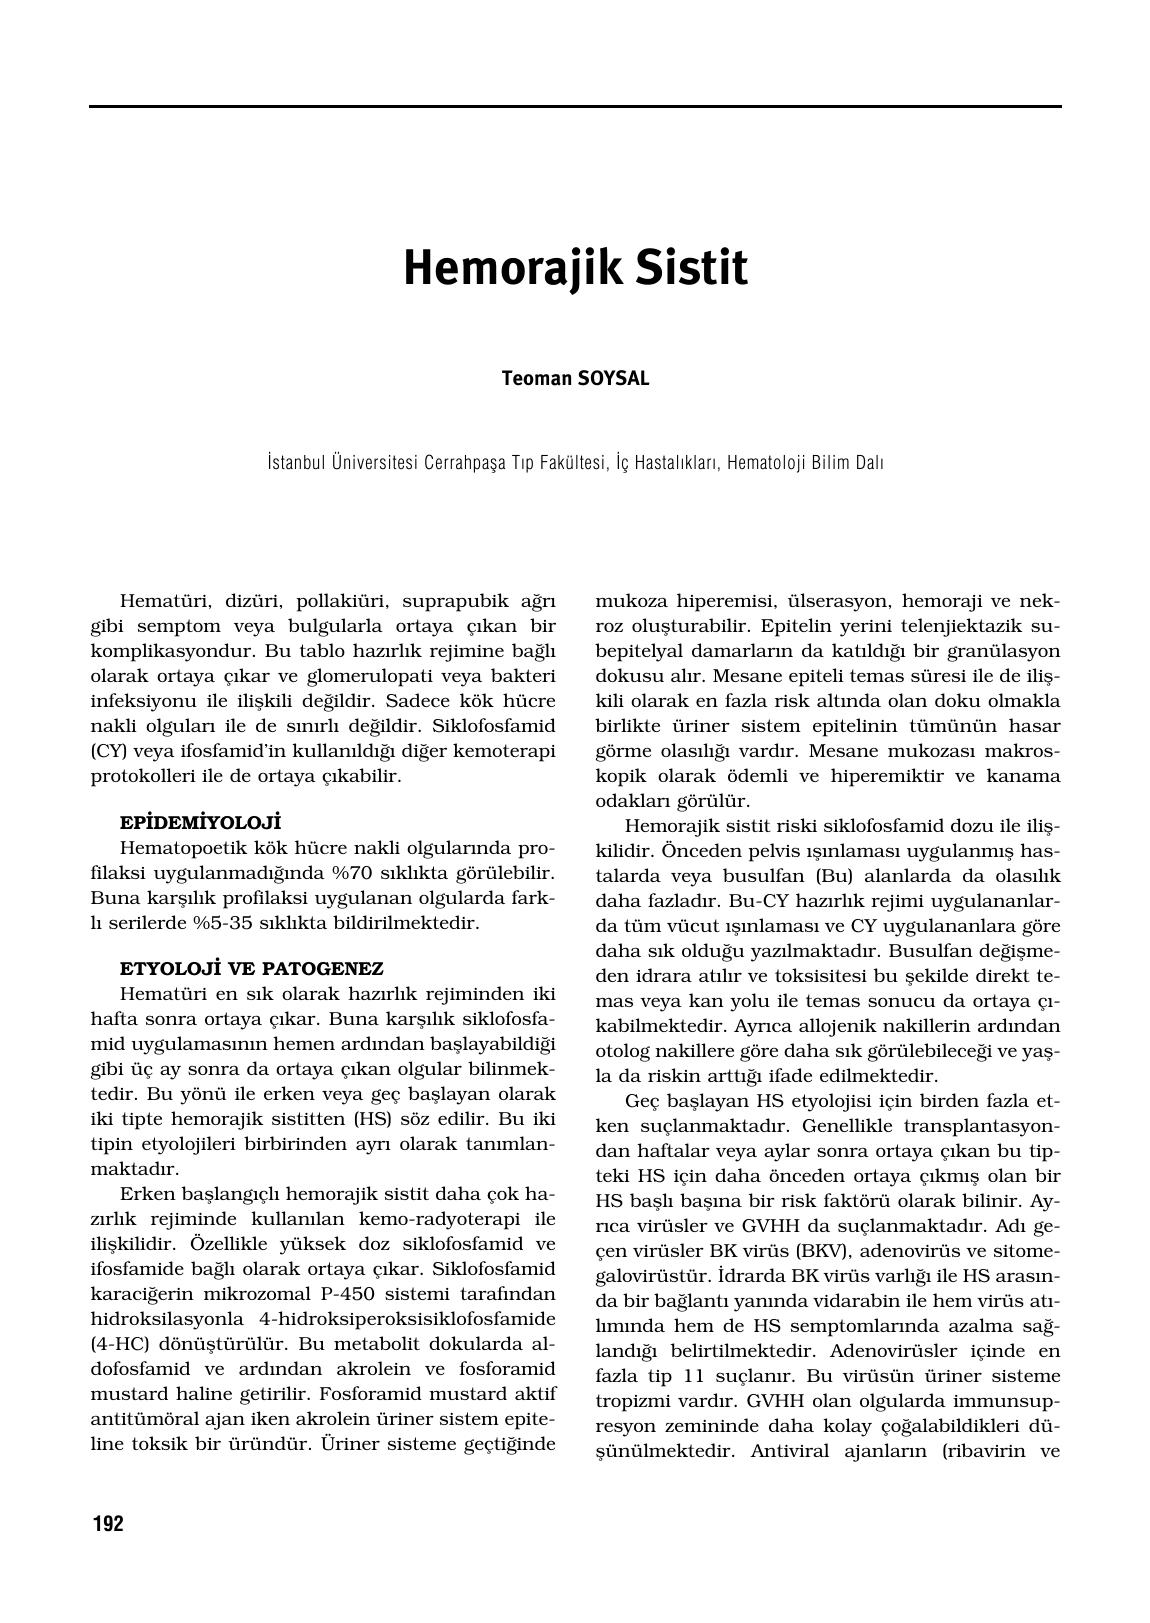 Hemorajik sistitin nedenleri, semptomları ve tedavisi